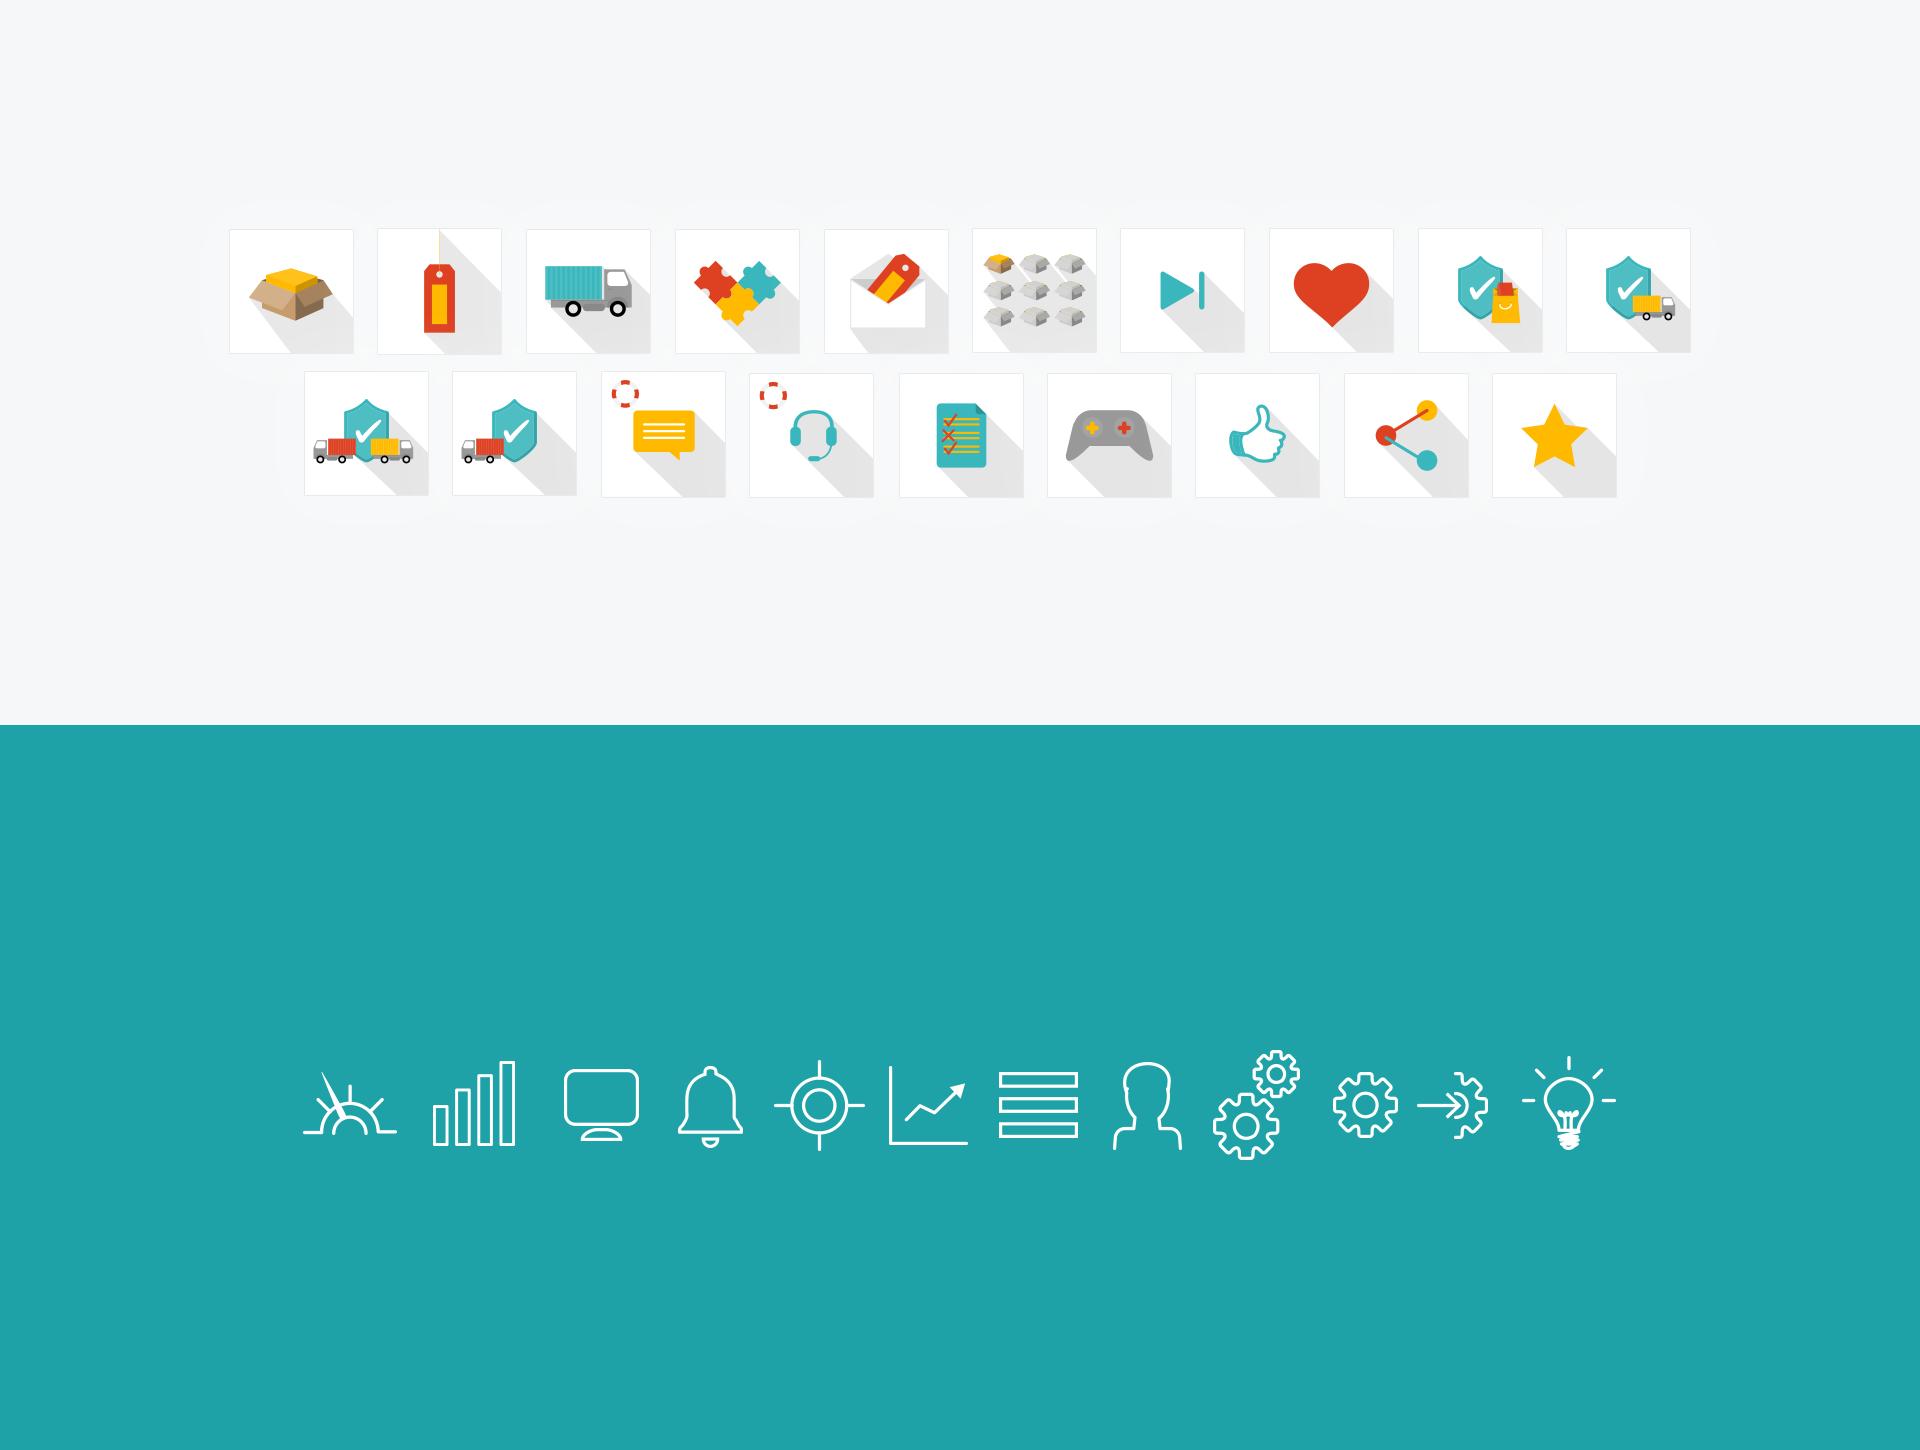 Webbapp icons אייקונים לאפליקציה